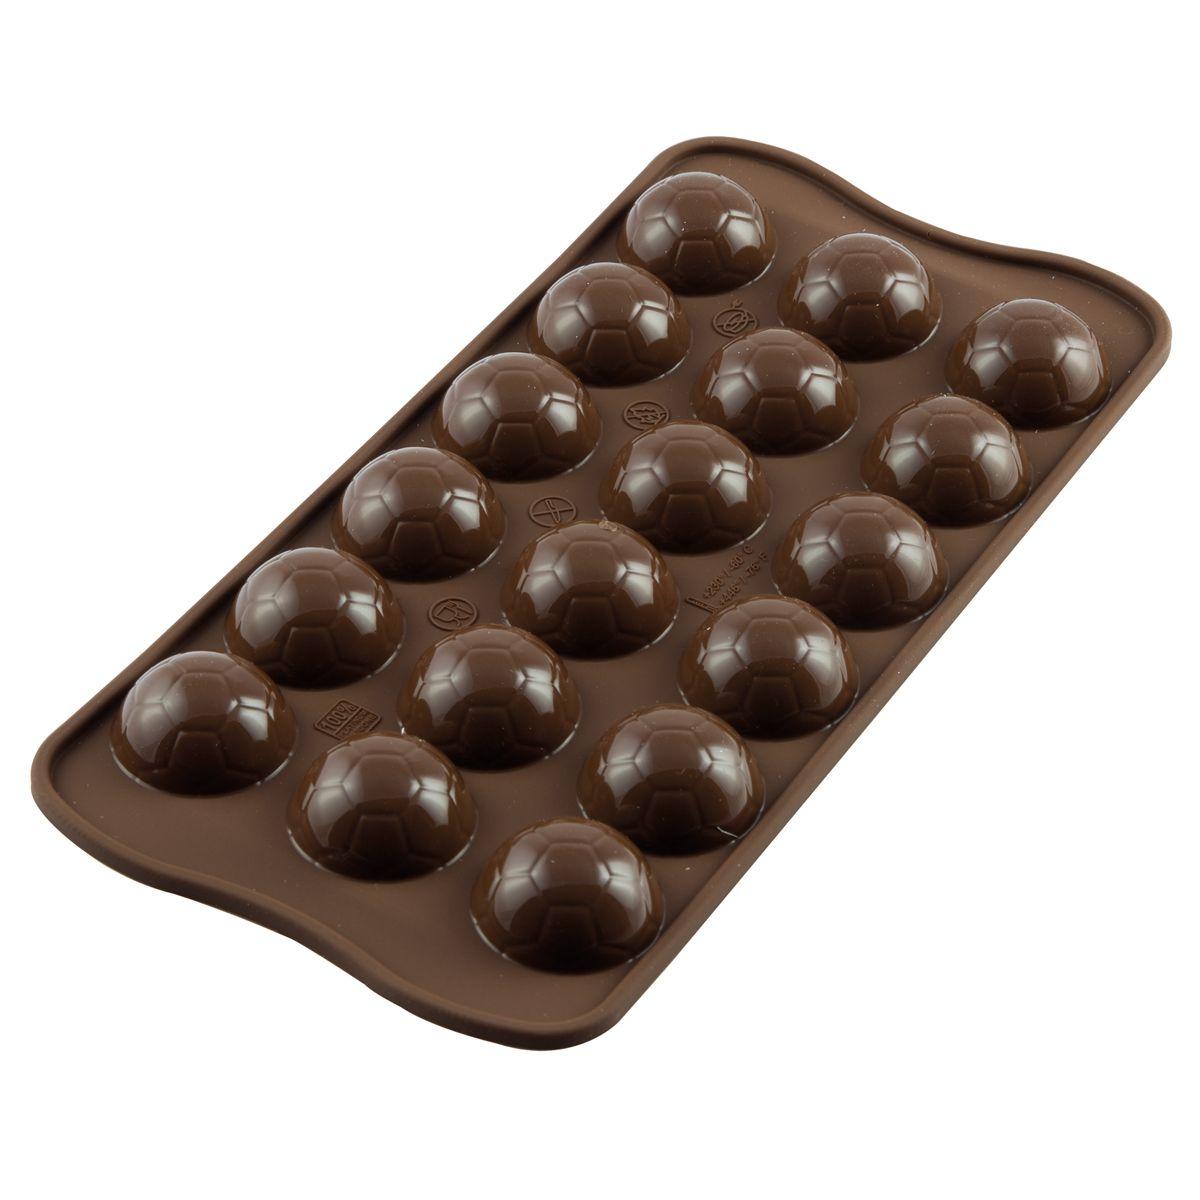 Schokoladengießformen